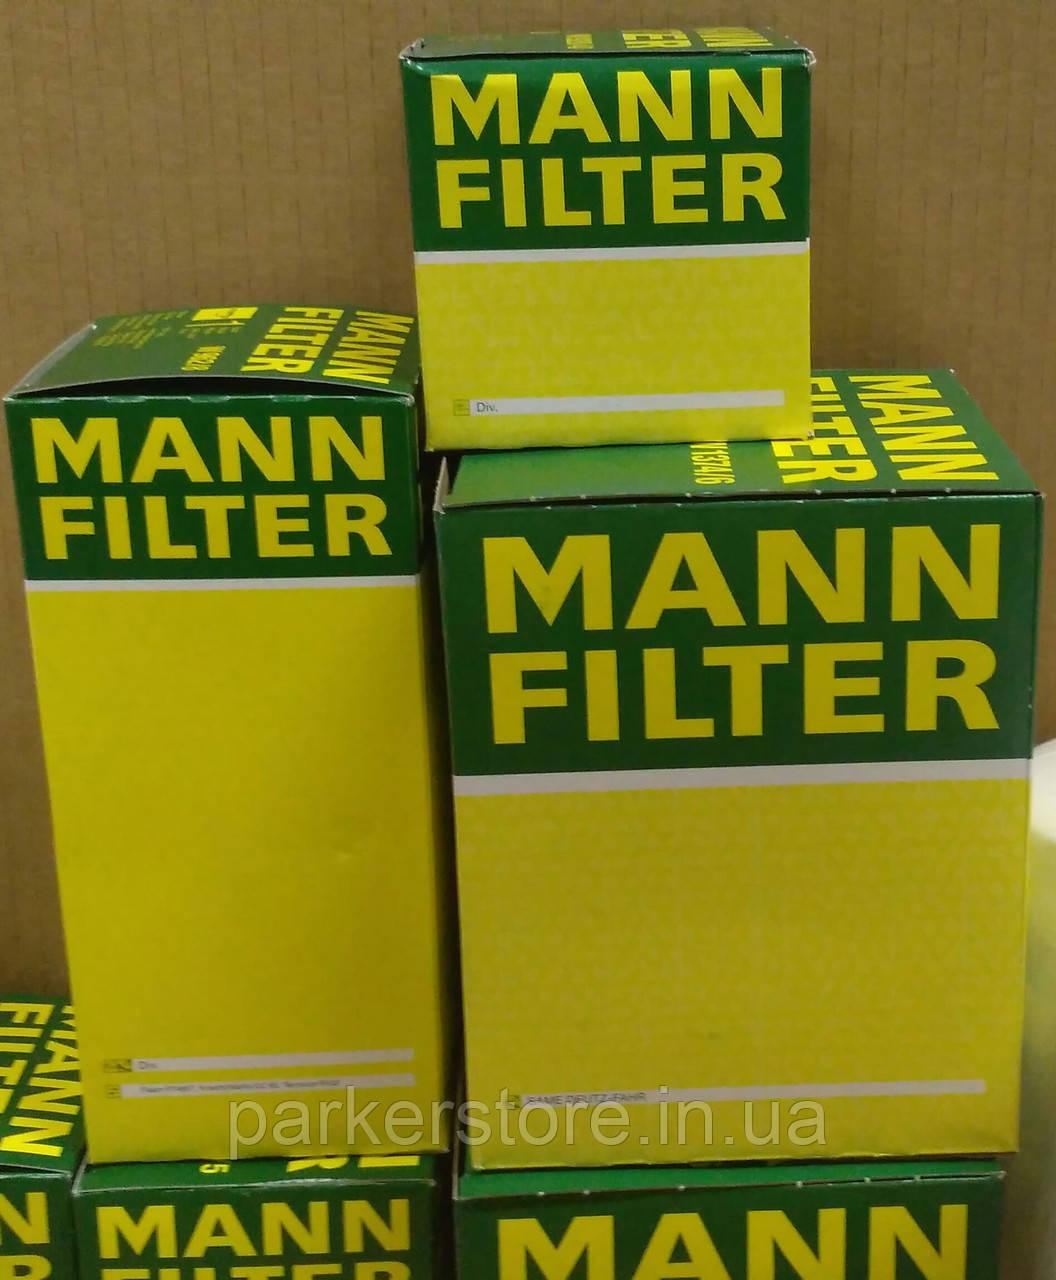 MANN FILTER / Воздушный фильтр / C 1415 / C1415